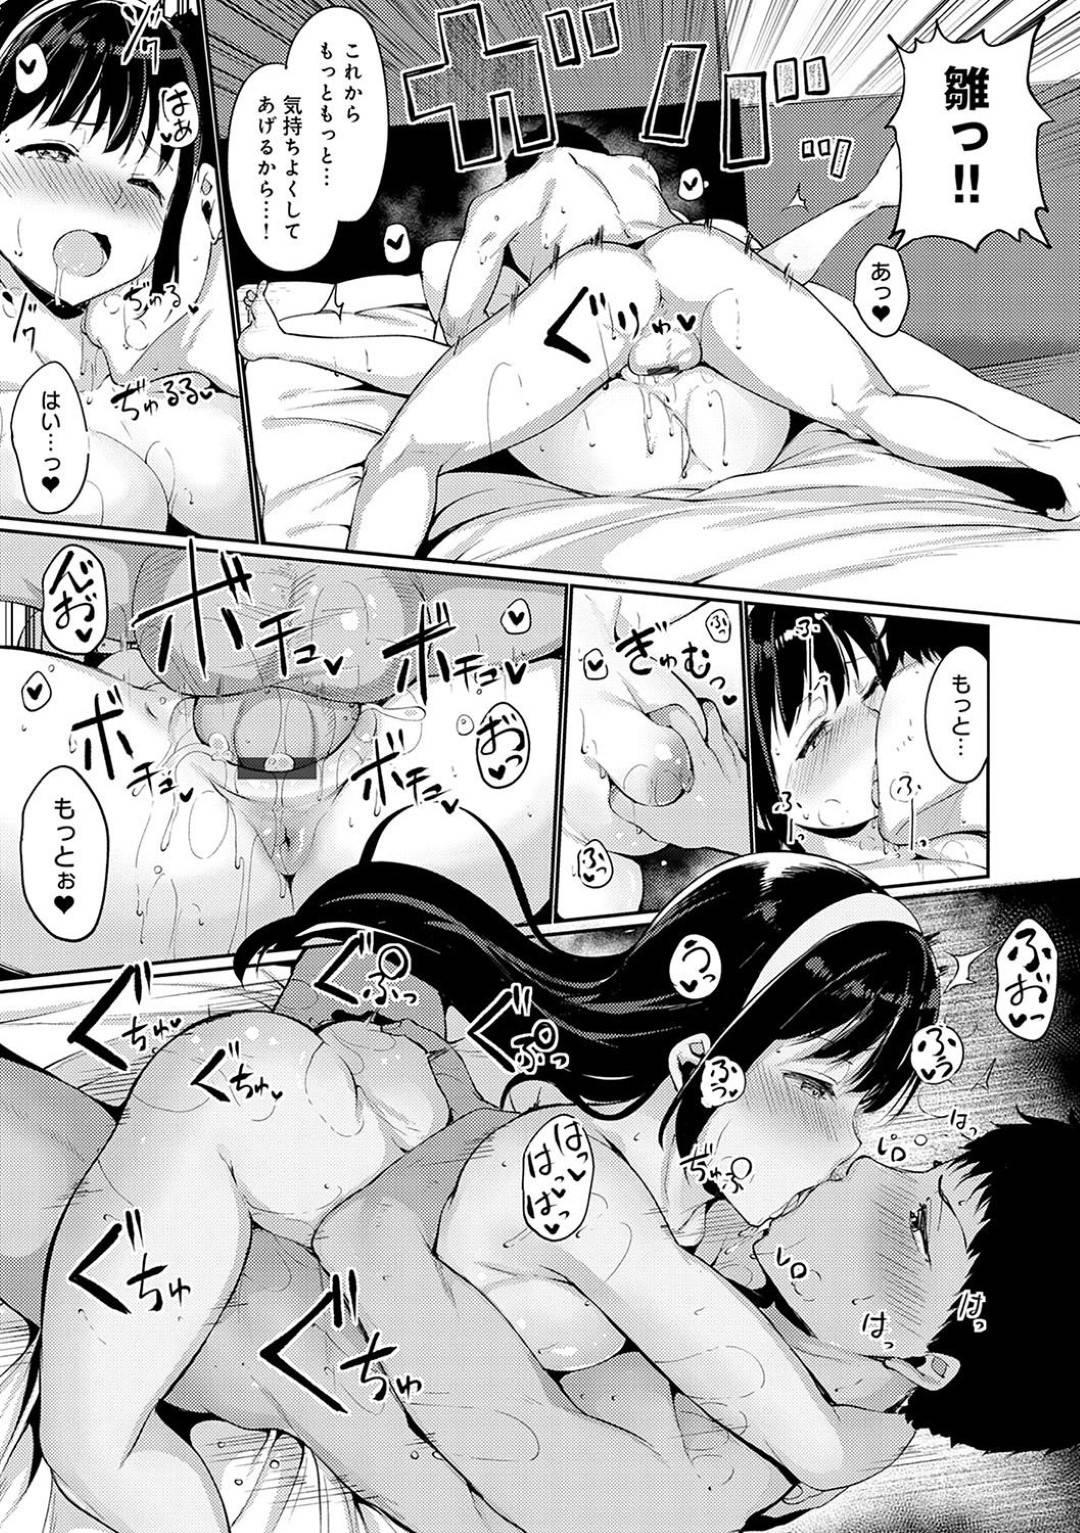 【イチャラブ3Pエロ漫画】ドスケベお嬢様からエッチの誘われた男子高生は、大好きなお嬢様からのお誘いに喜びメイドも含め3Pイチャラブ中出しセックスを堪能する【あるぷ】